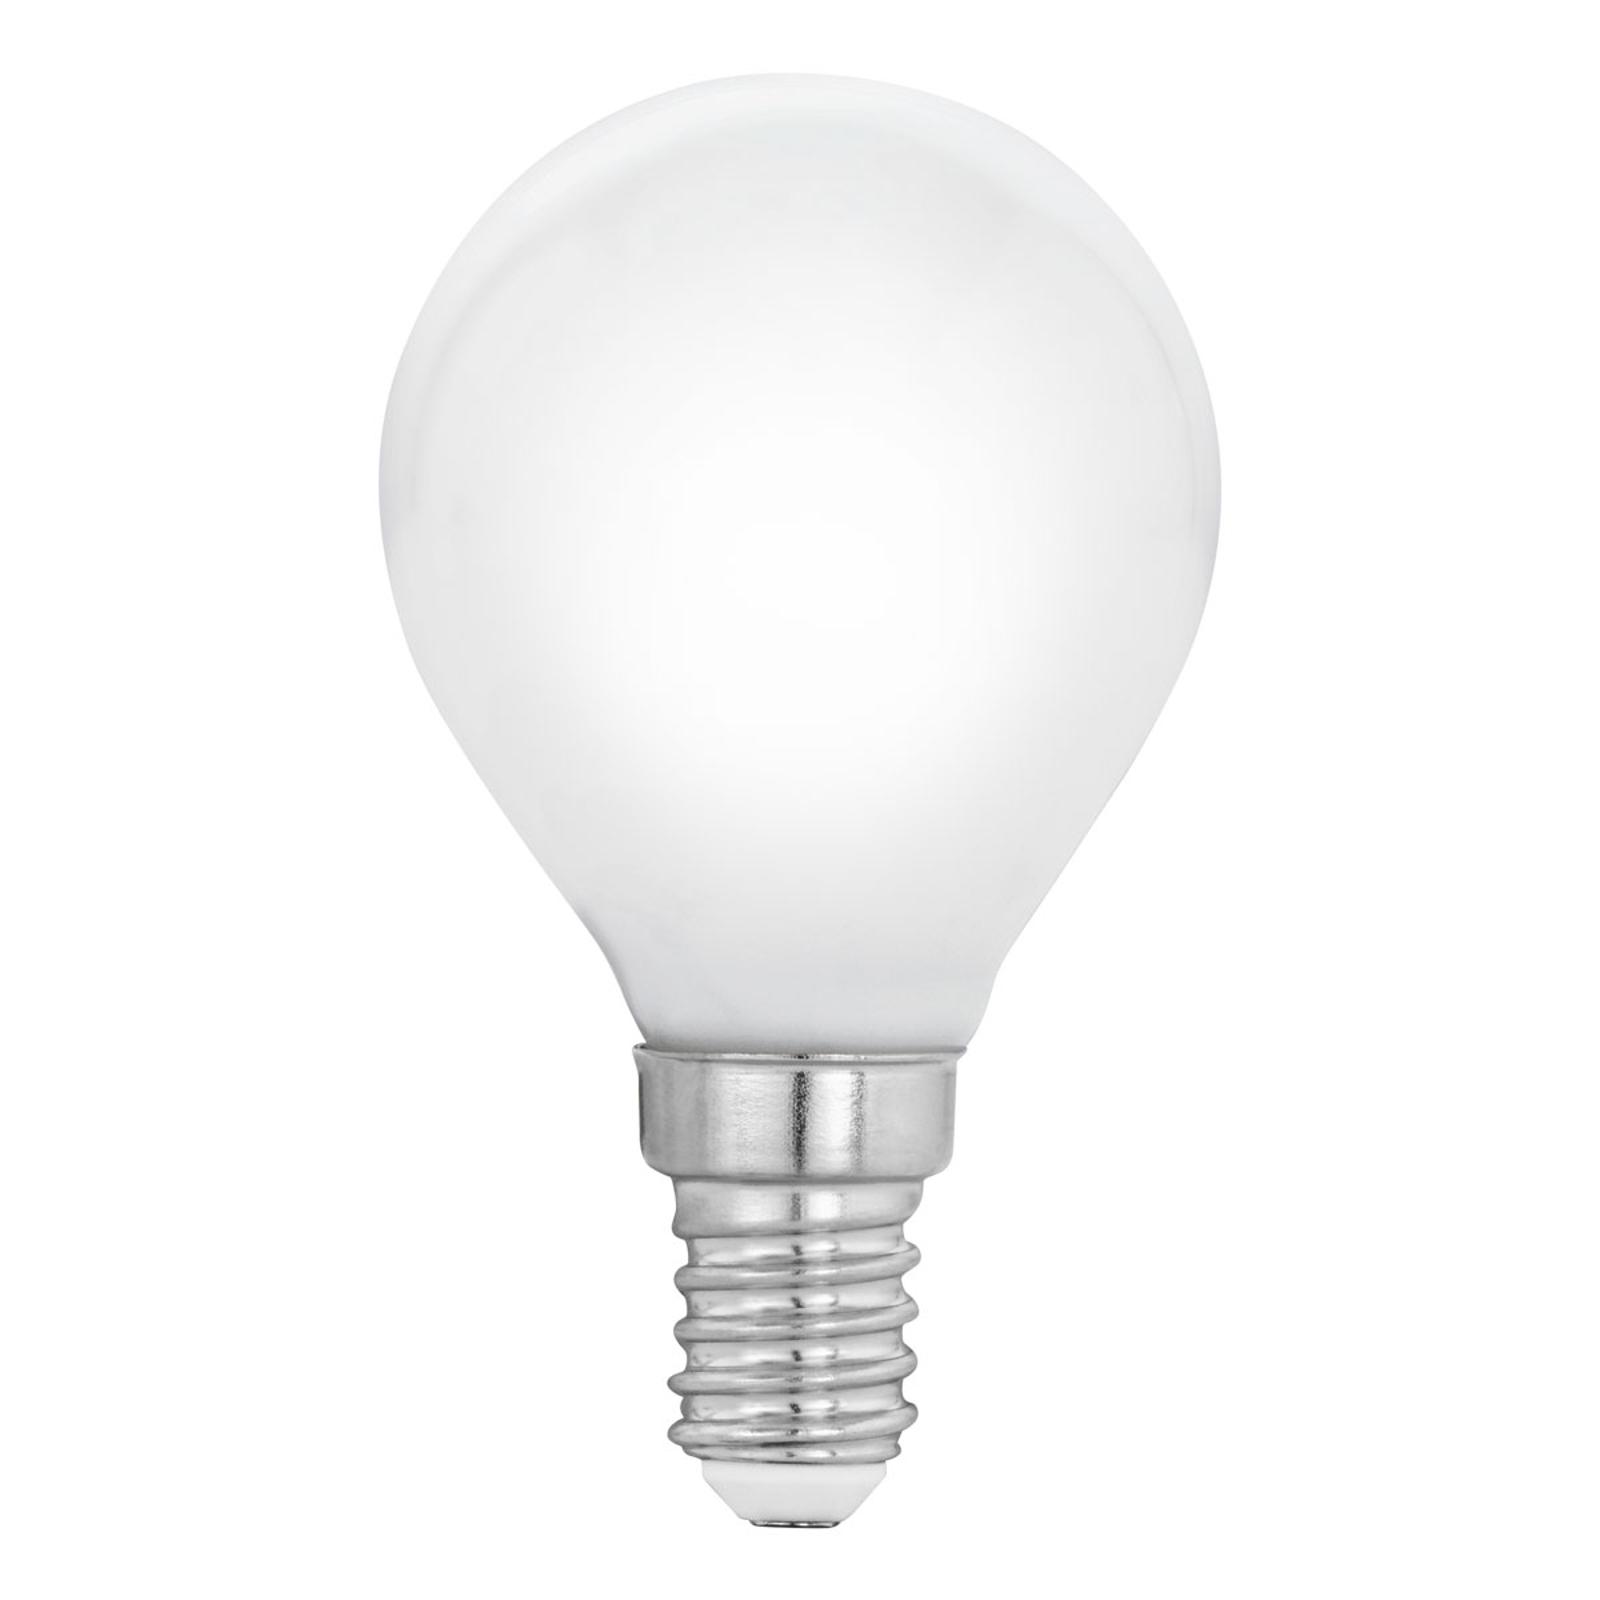 LED-Lampe E14 P45 4W, warmweiß, matt